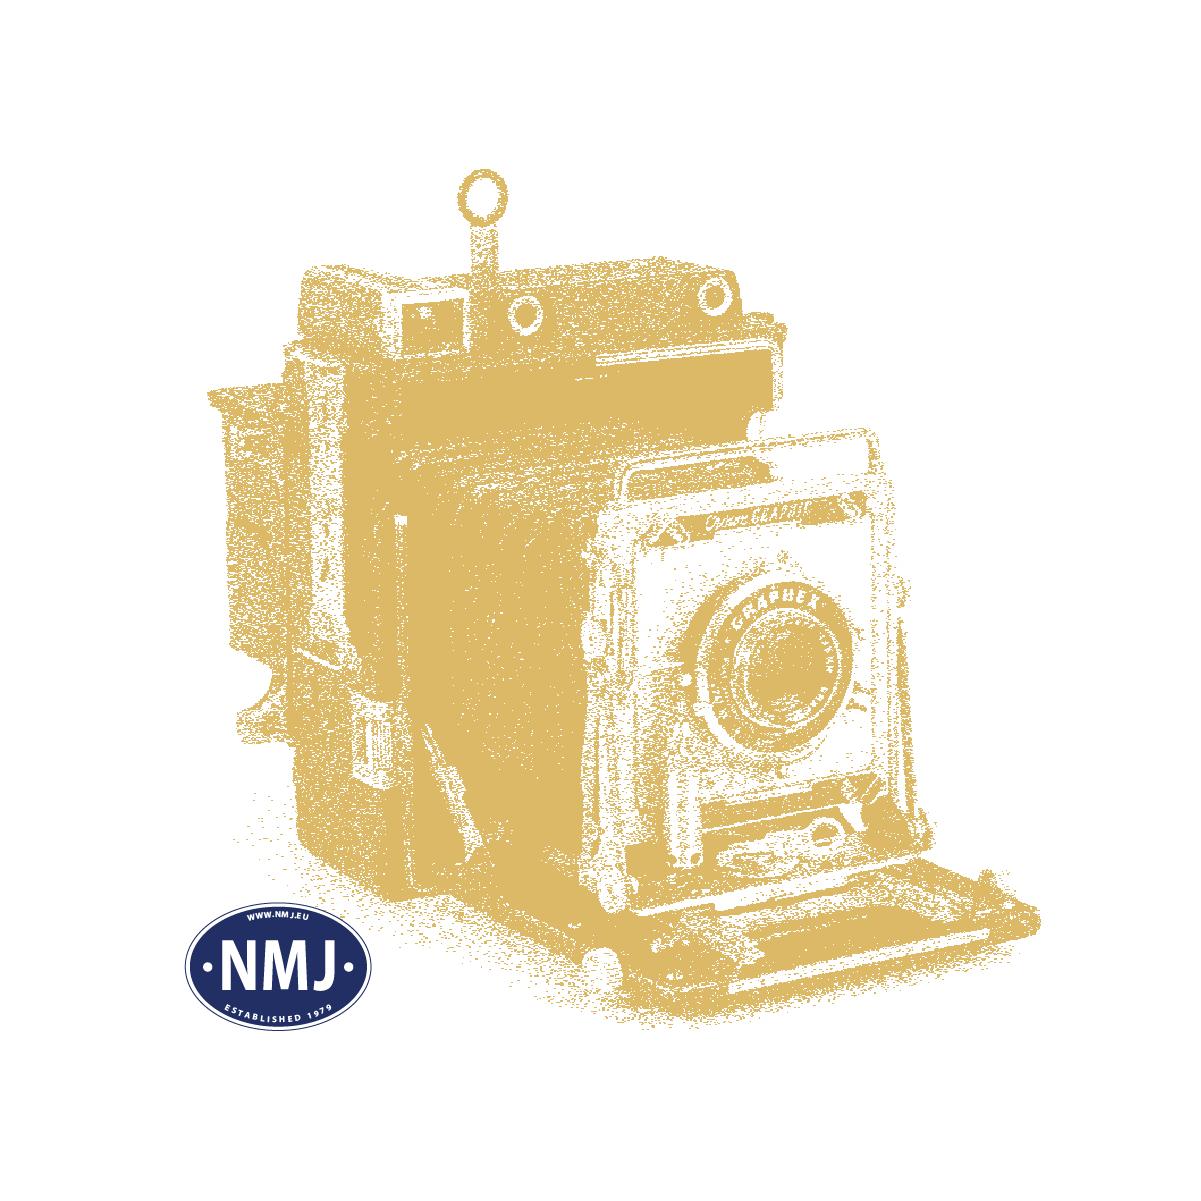 MIN727-22S - Gresstuster, Lang utgave, Sommer